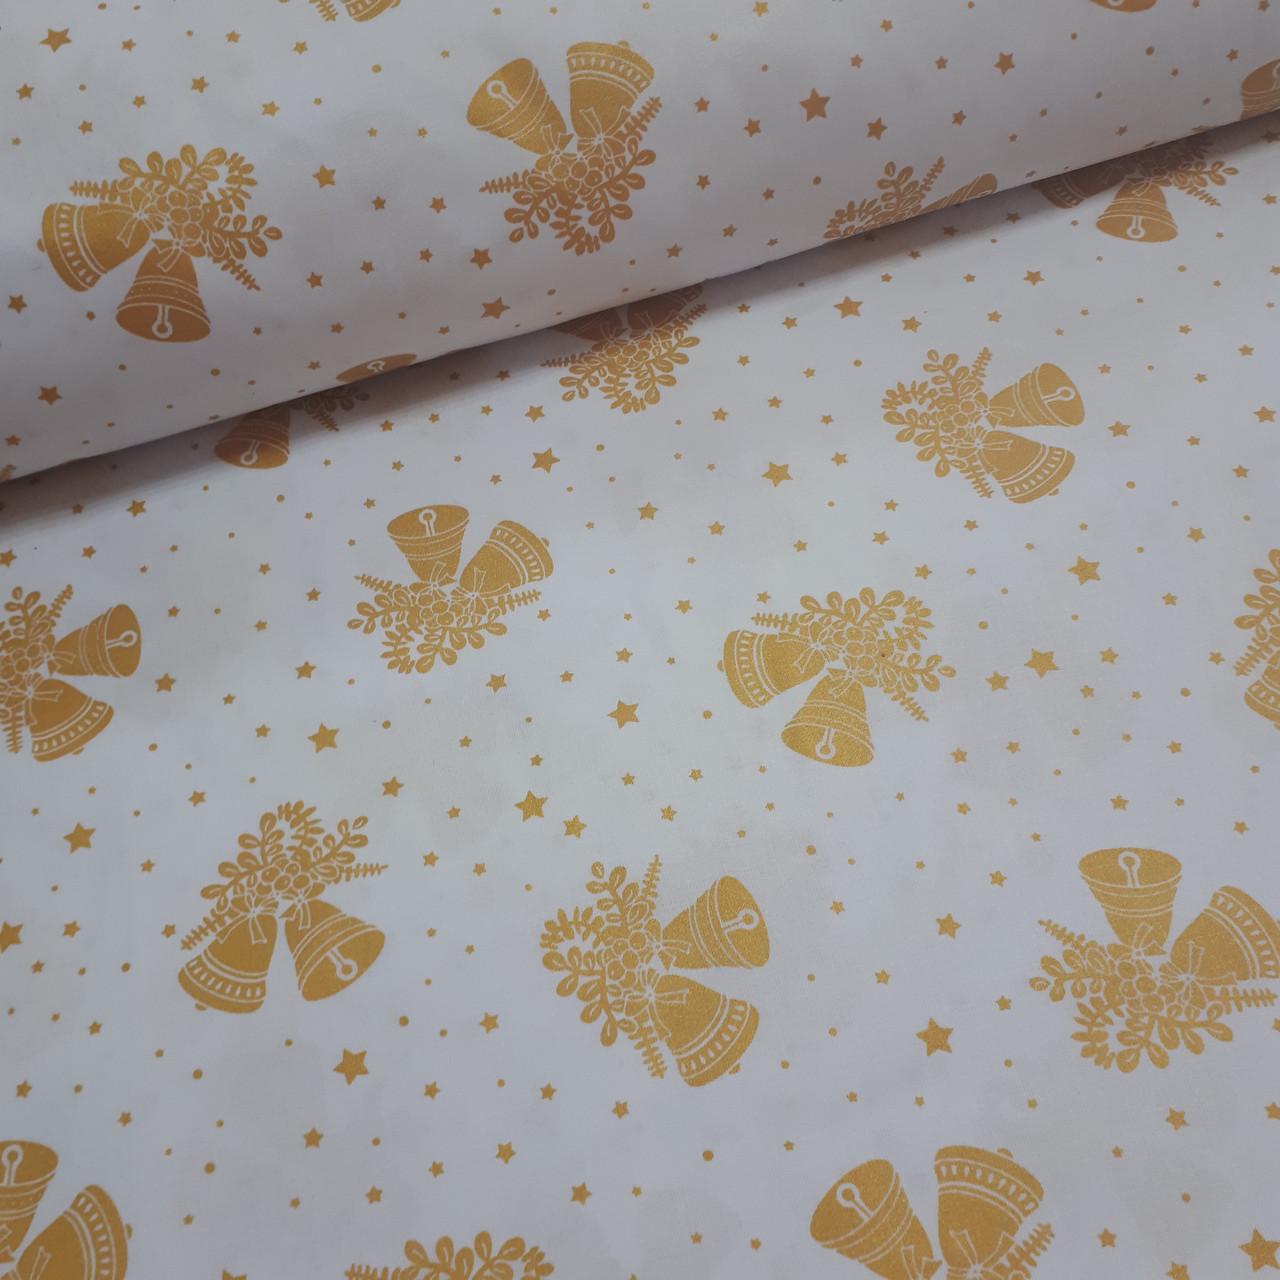 Ткань новогодняя польская хлопковая, золотые (глиттер) колокольчики на белом